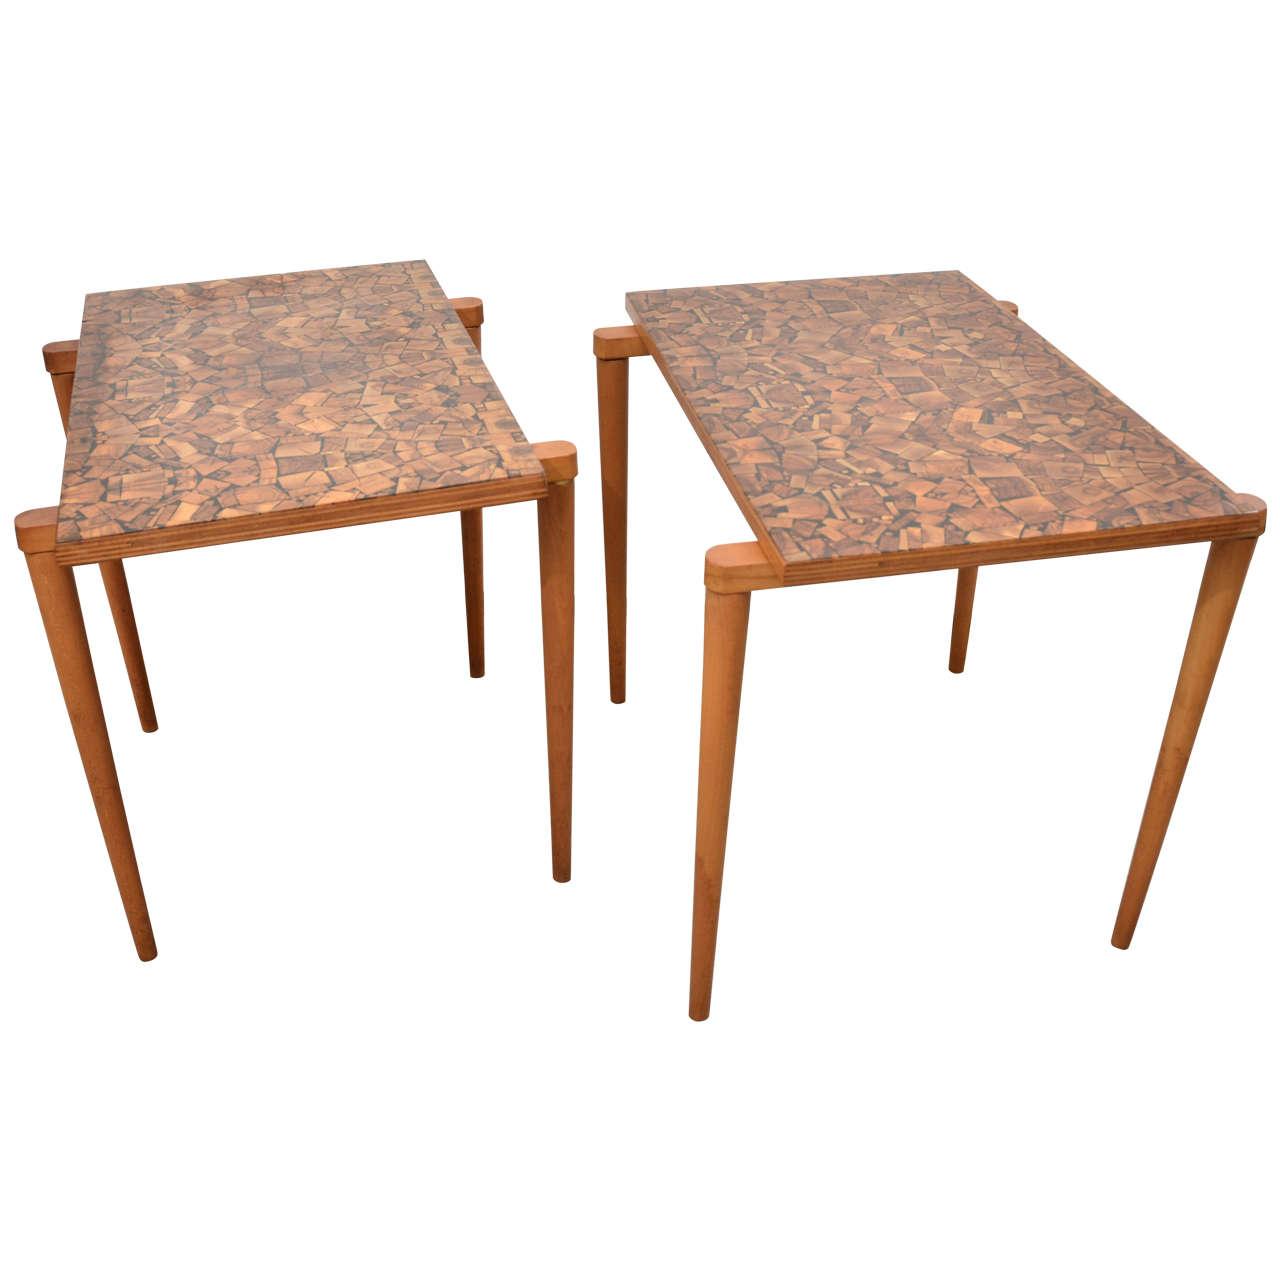 Unique Side Tables